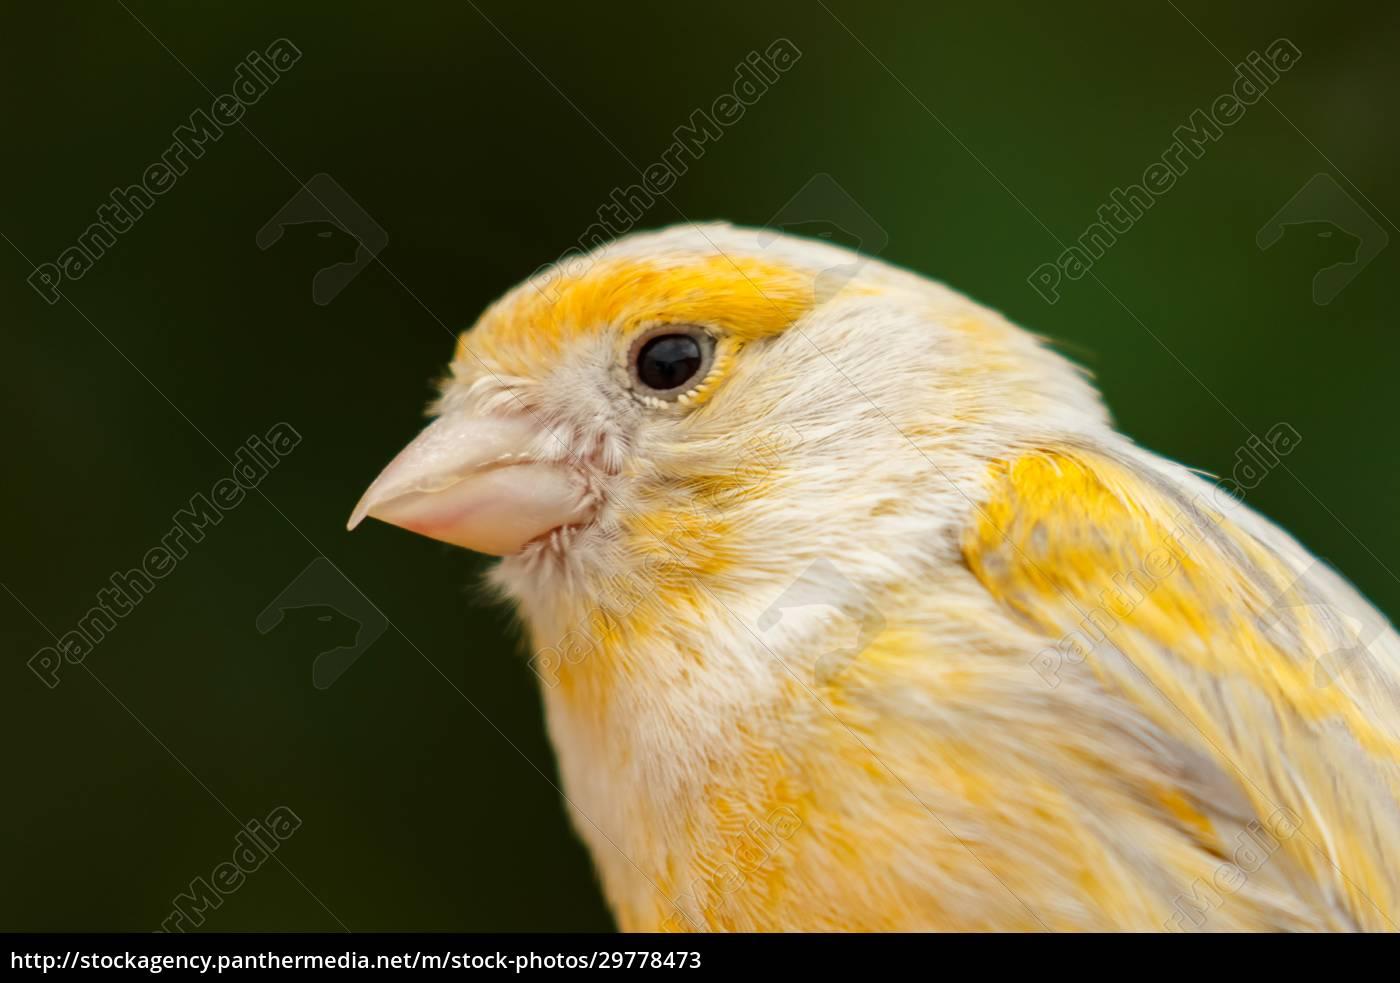 beautiful, yellow, canary - 29778473